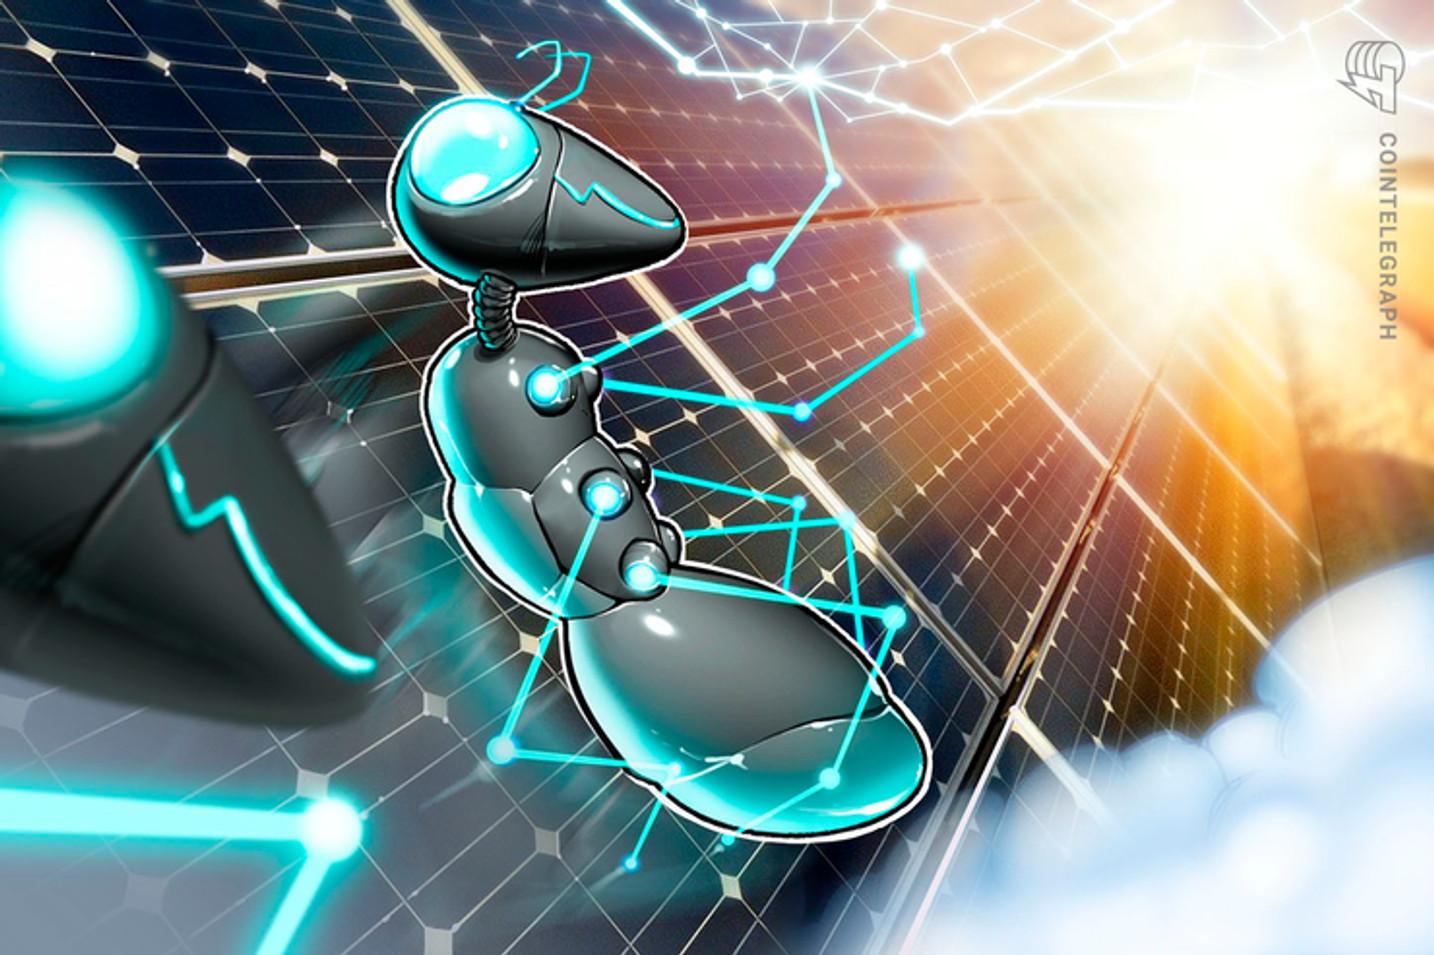 Deutsche Wirtschaftsministerium veröffentlicht Analysepapier zur Blockchain-Nutzung im Stromhandel